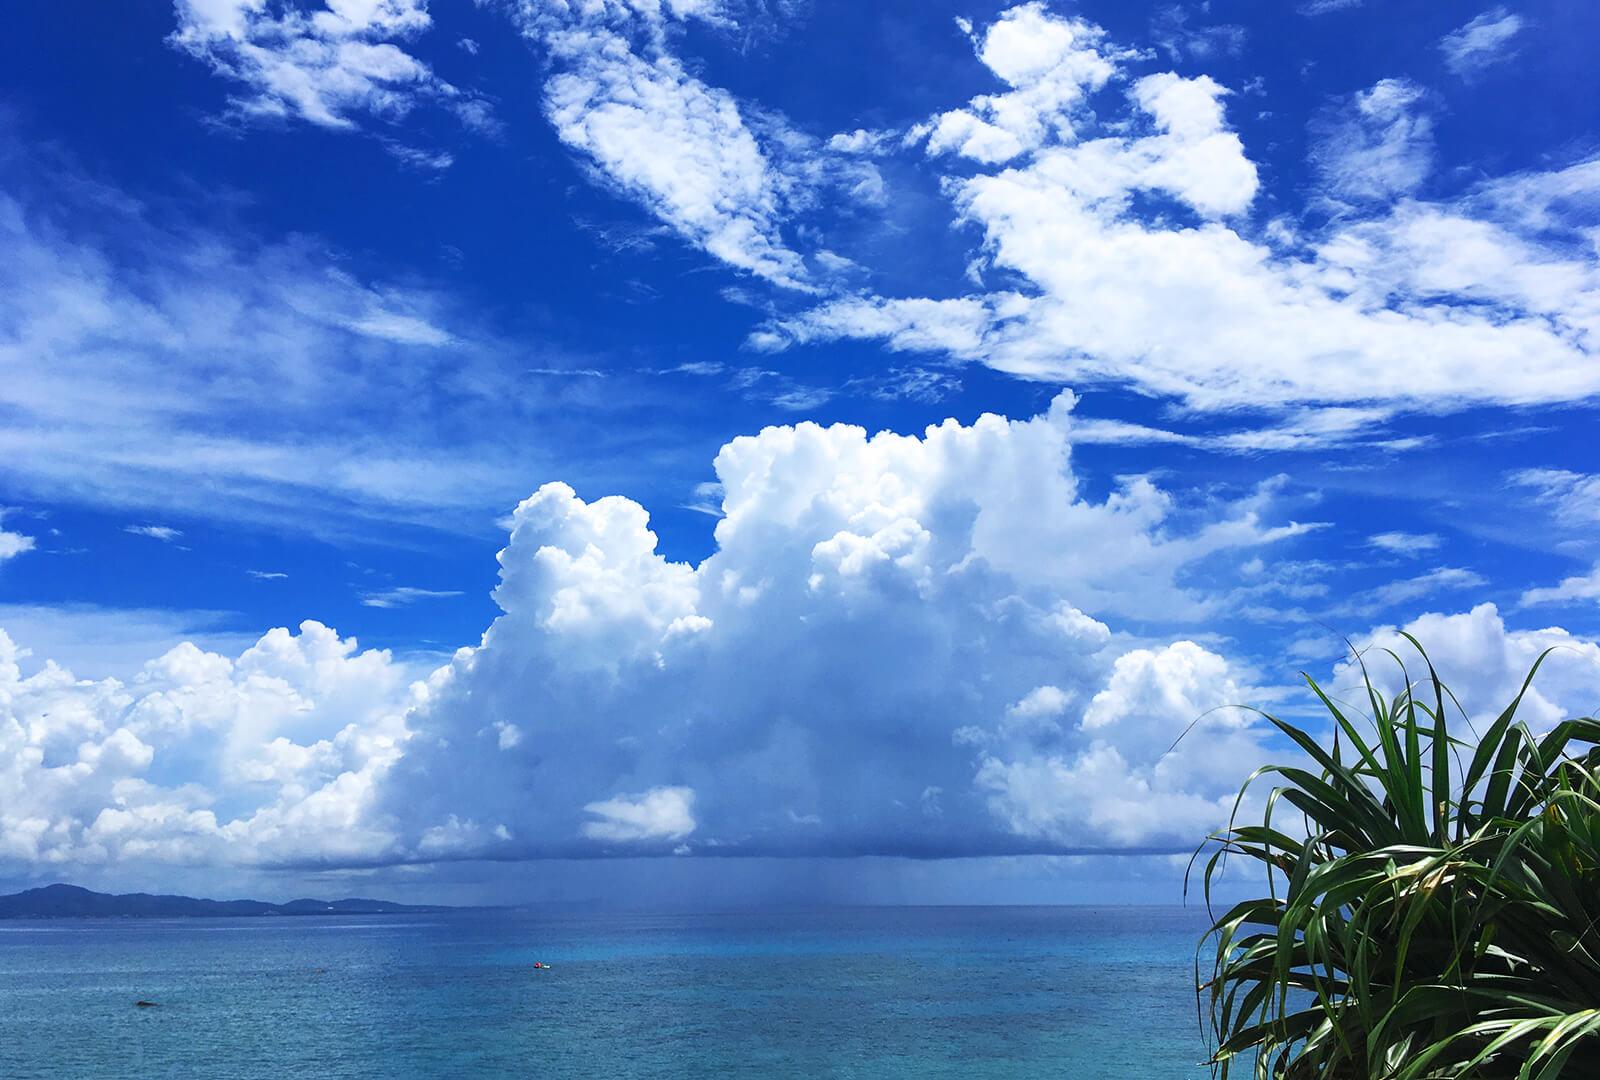 夏が似合う沖縄の海